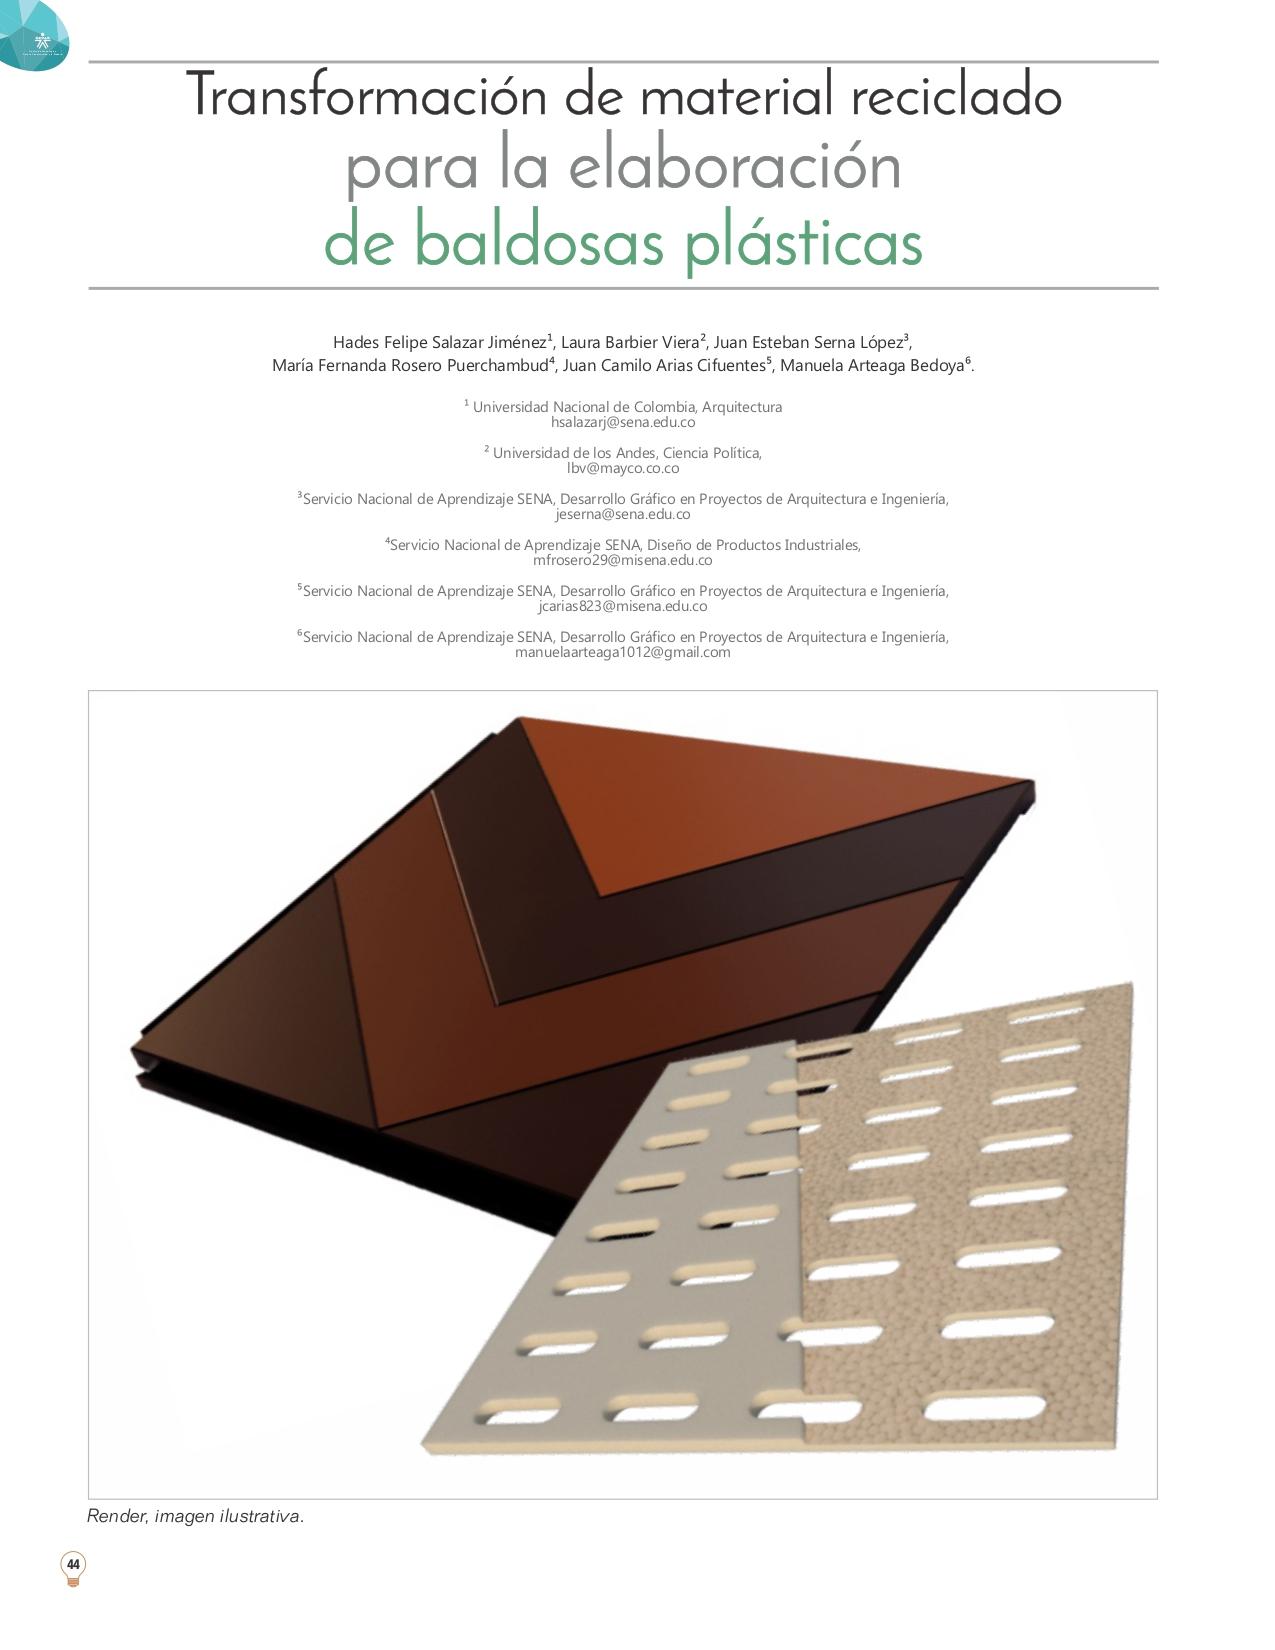 Transformación de material reciclado para la elaboración de baldosas plásticas